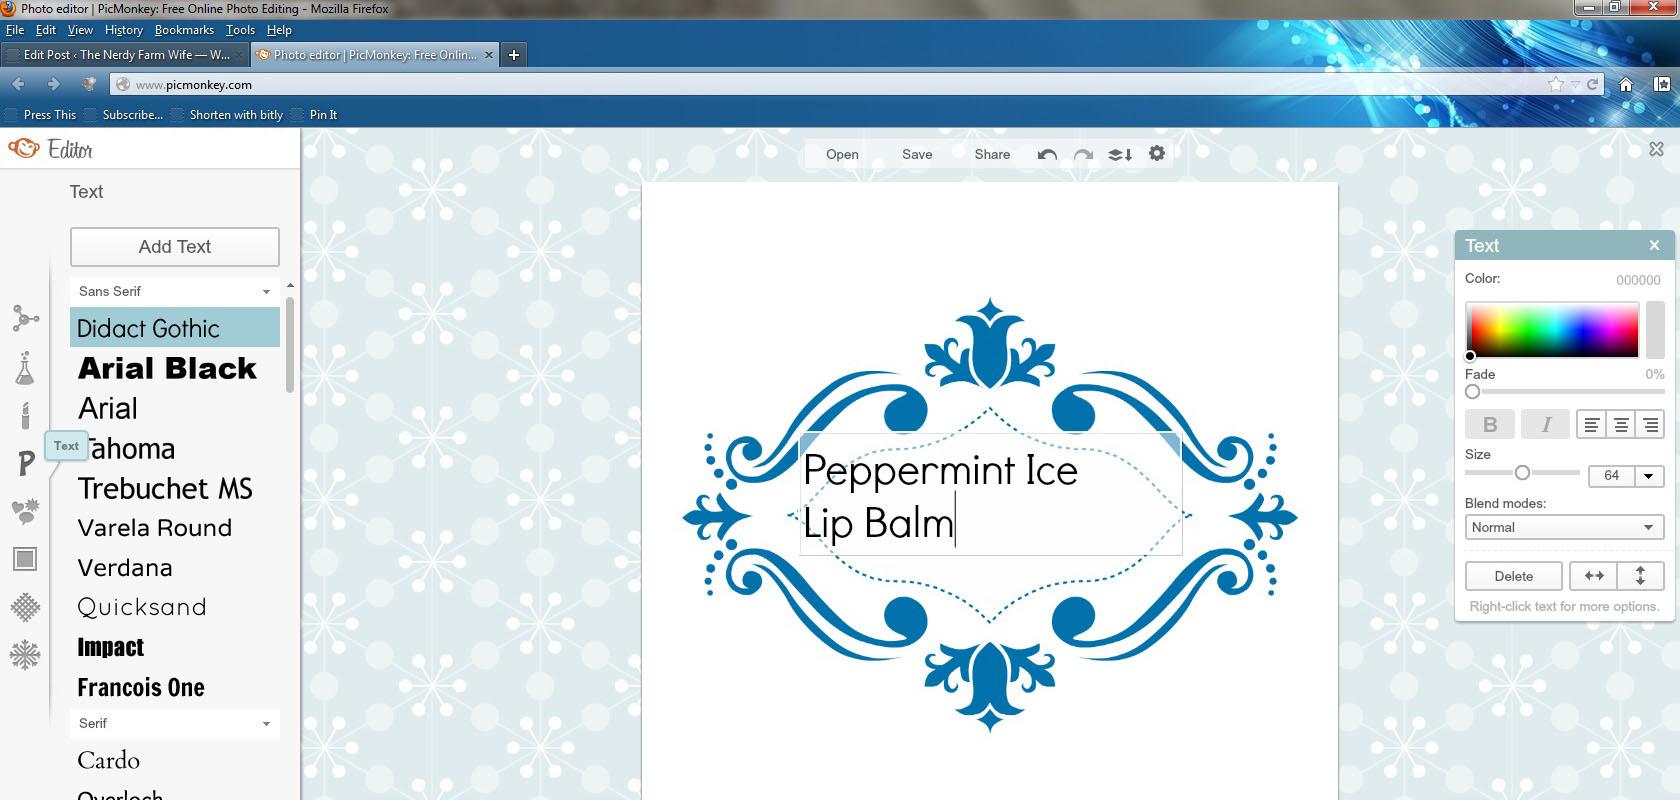 Lip Balm Label Template Free Trattorialeondoro - Lip balm label template